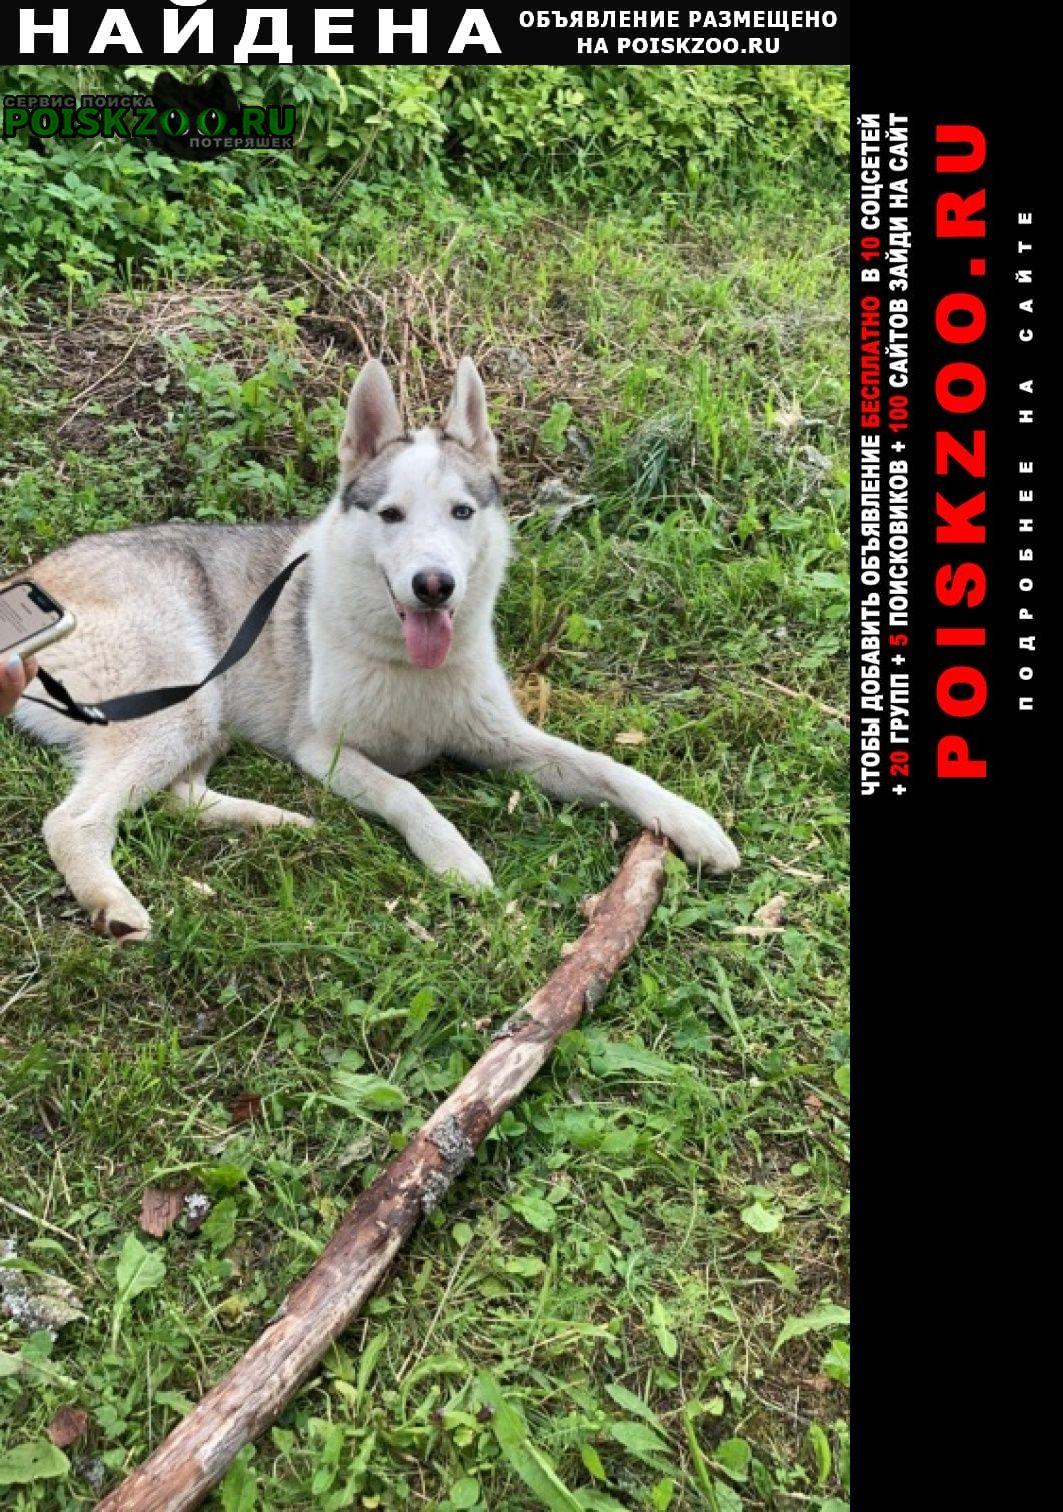 Найдена собака кобель помесь хаски и лайки Солнечногорск